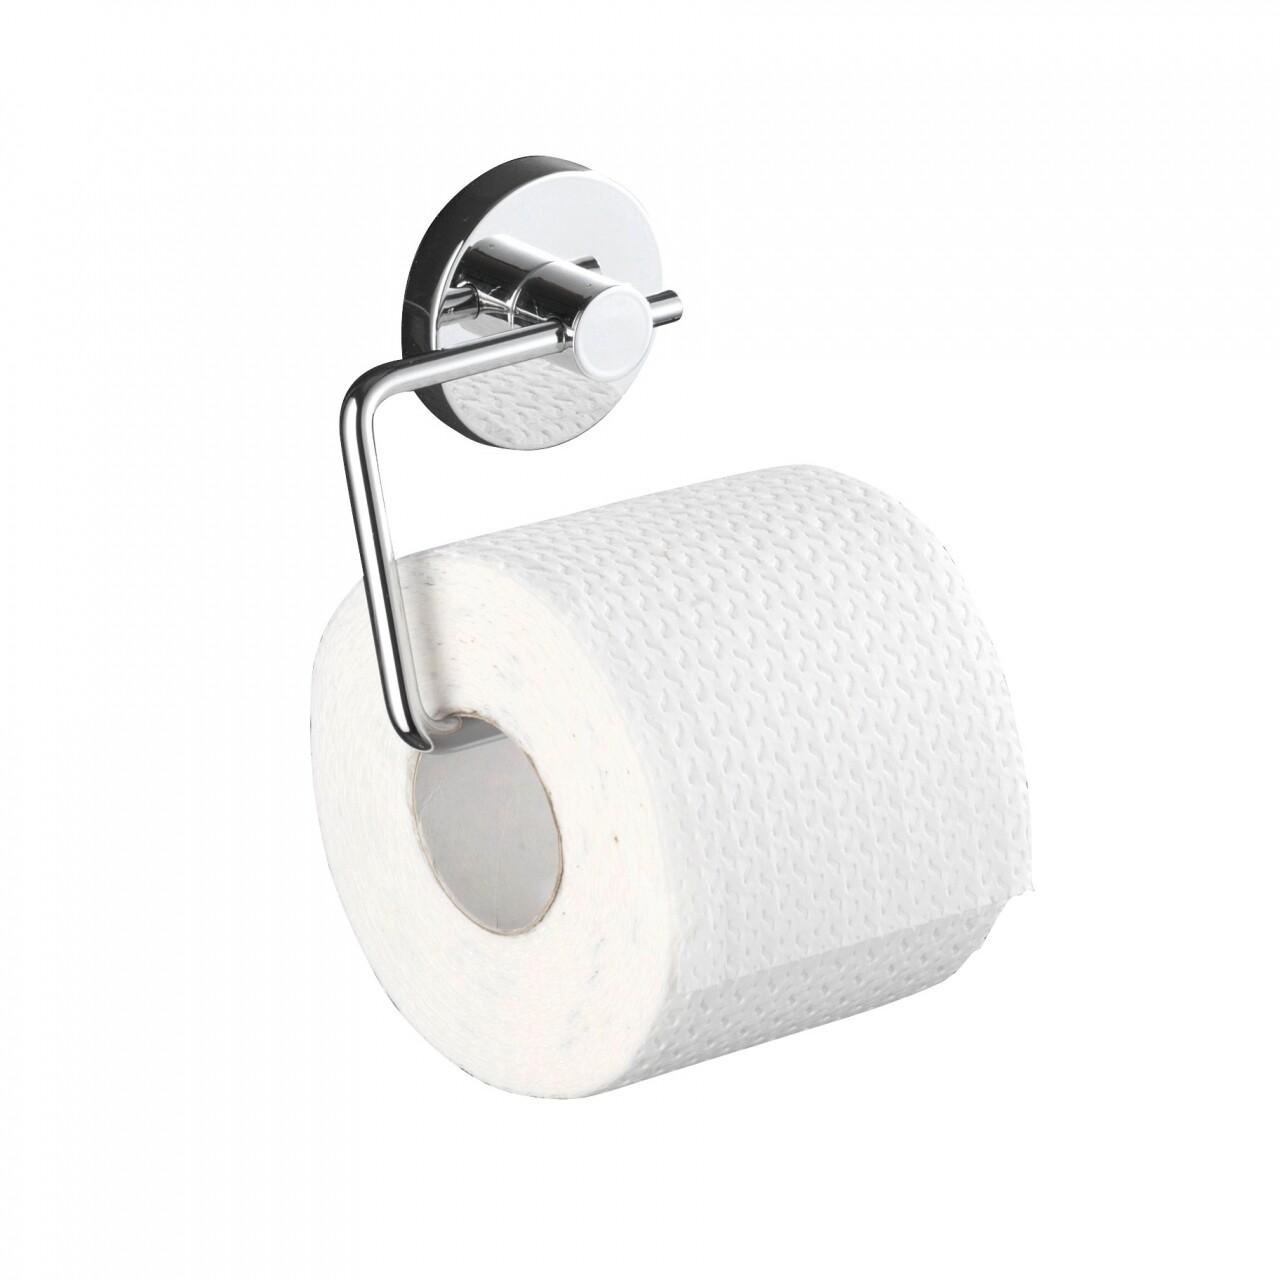 Suport pentru hartie igienica WENKO Vacuum-Loc®, fara gaurire si insurubare, 13.5 x 16 x 17.5 cm, otel, argintiu